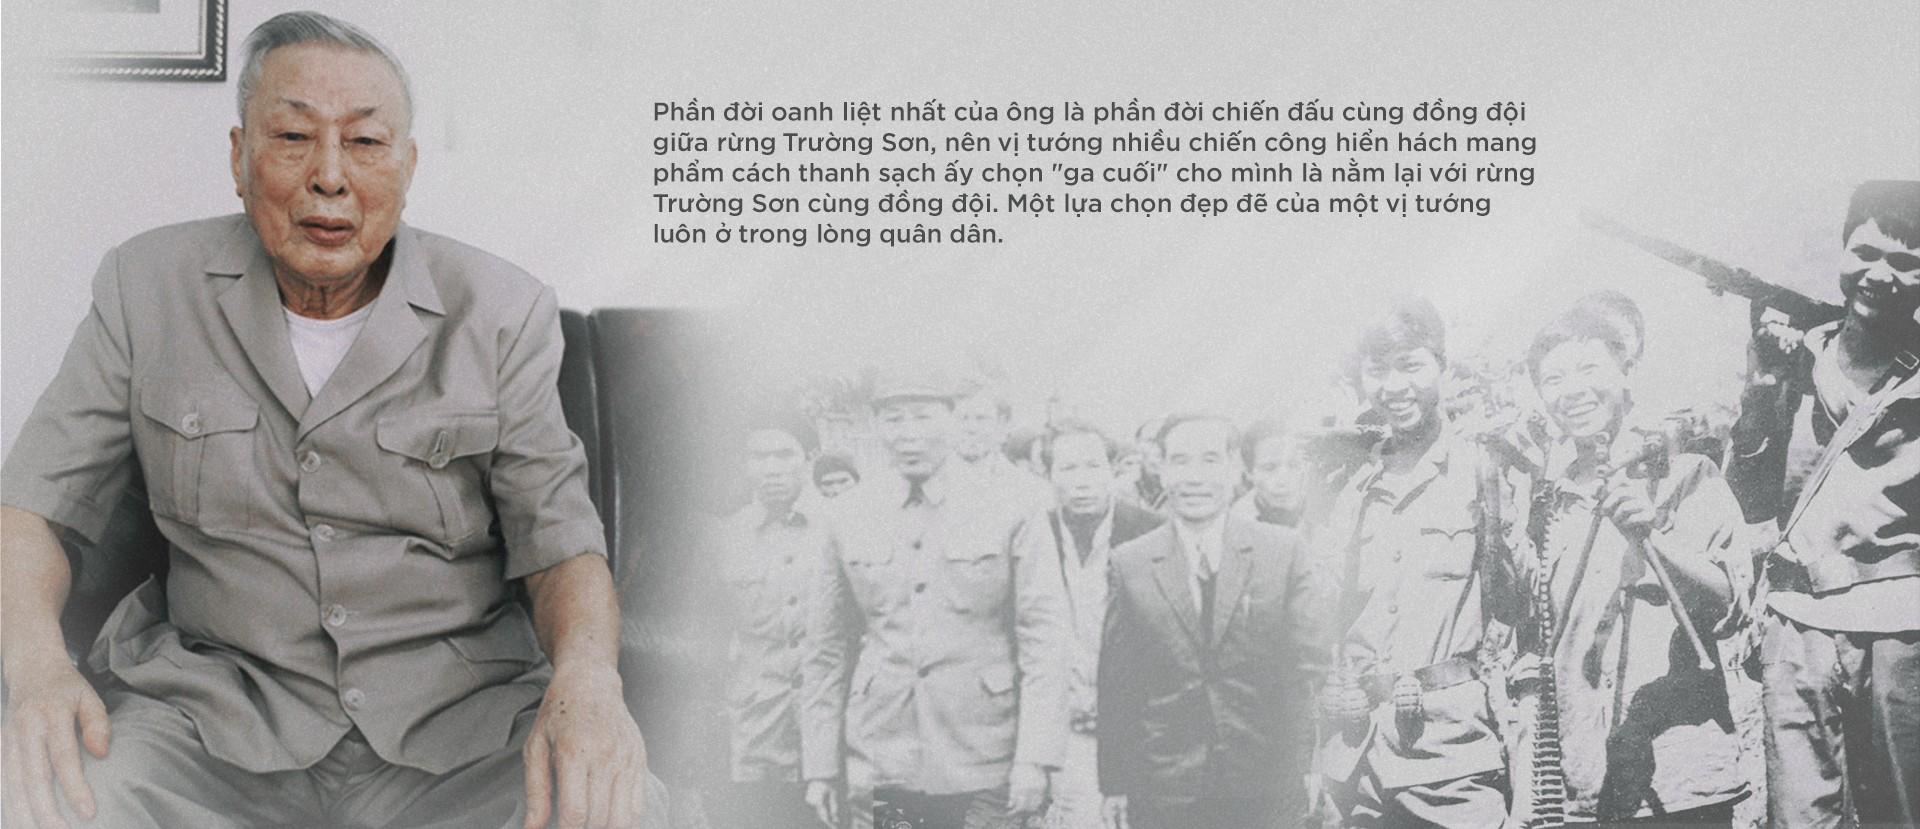 Vĩnh biệt vị tướng già huyền thoại - Đồng Sỹ Nguyên - Ảnh 8.